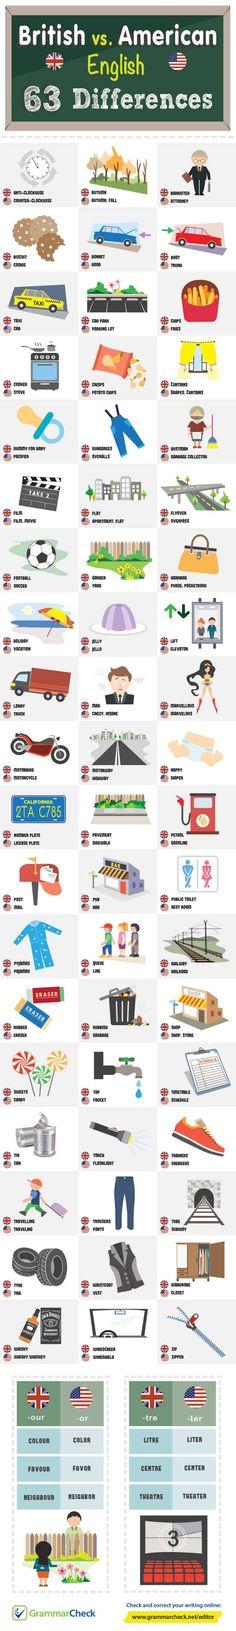 Educational infographic : Educational infographic & data visualisation L'Anglais Britannique et l'